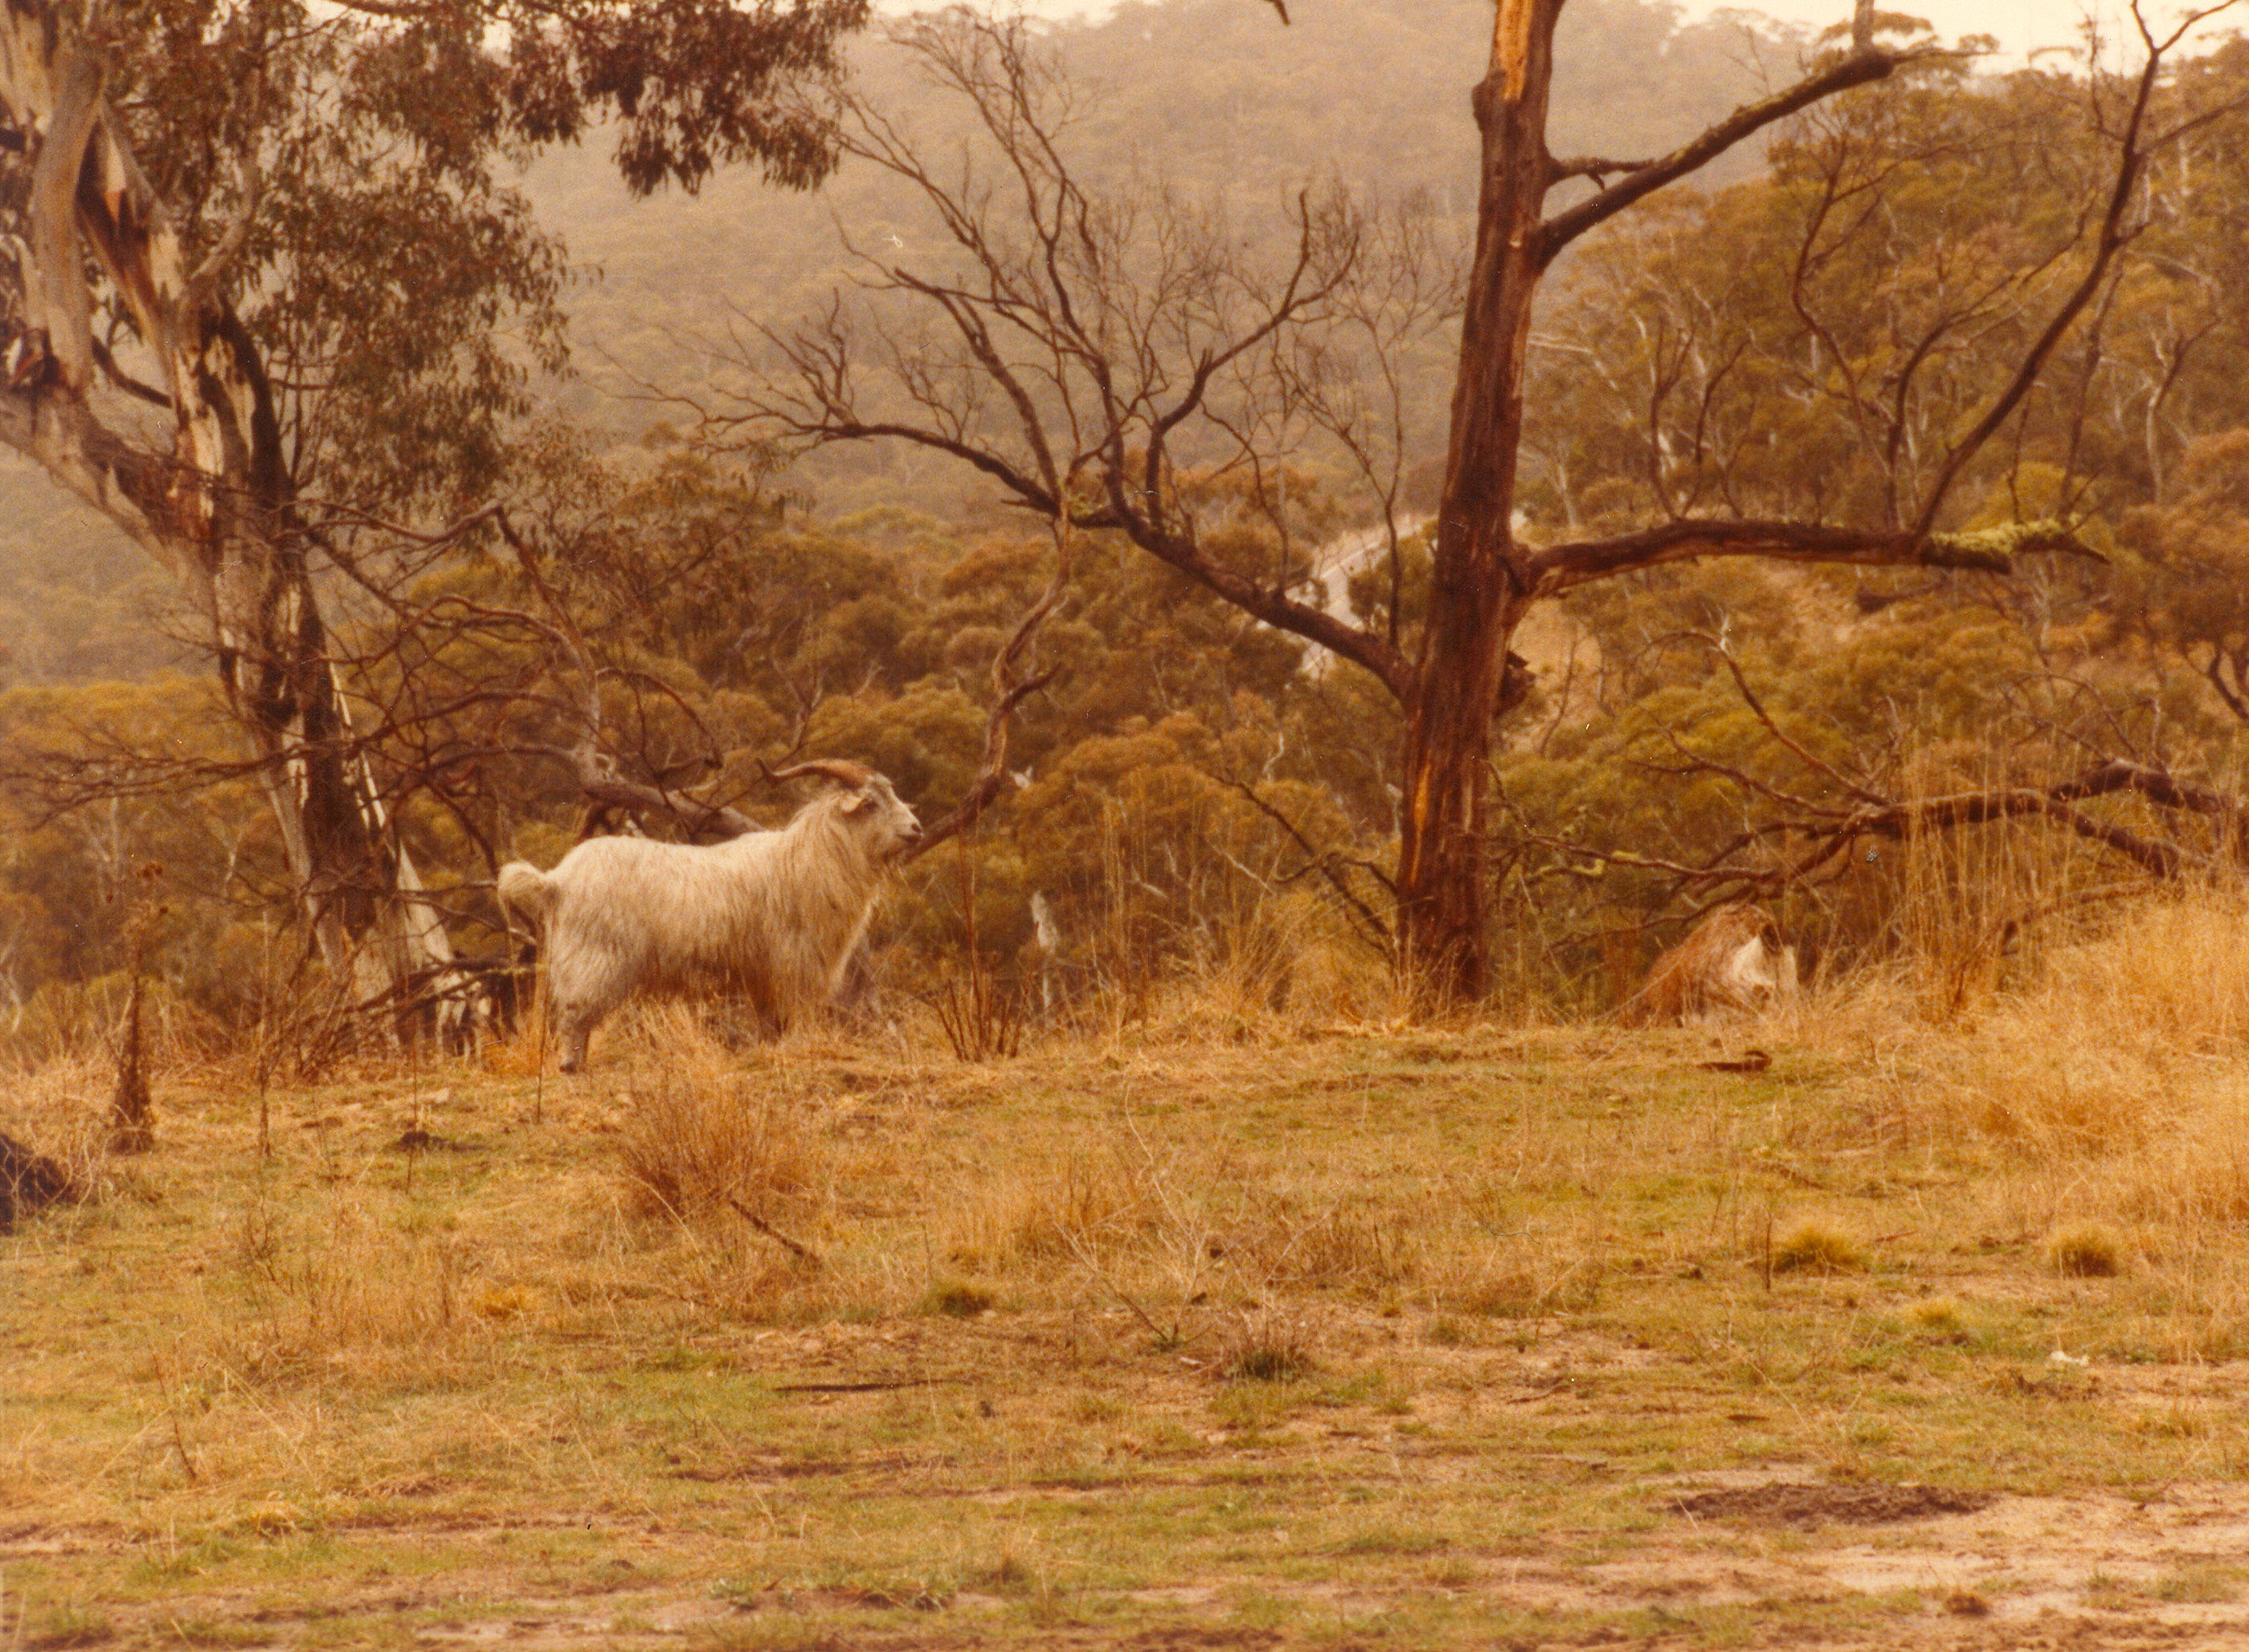 Wild Goat Australia NSW 01